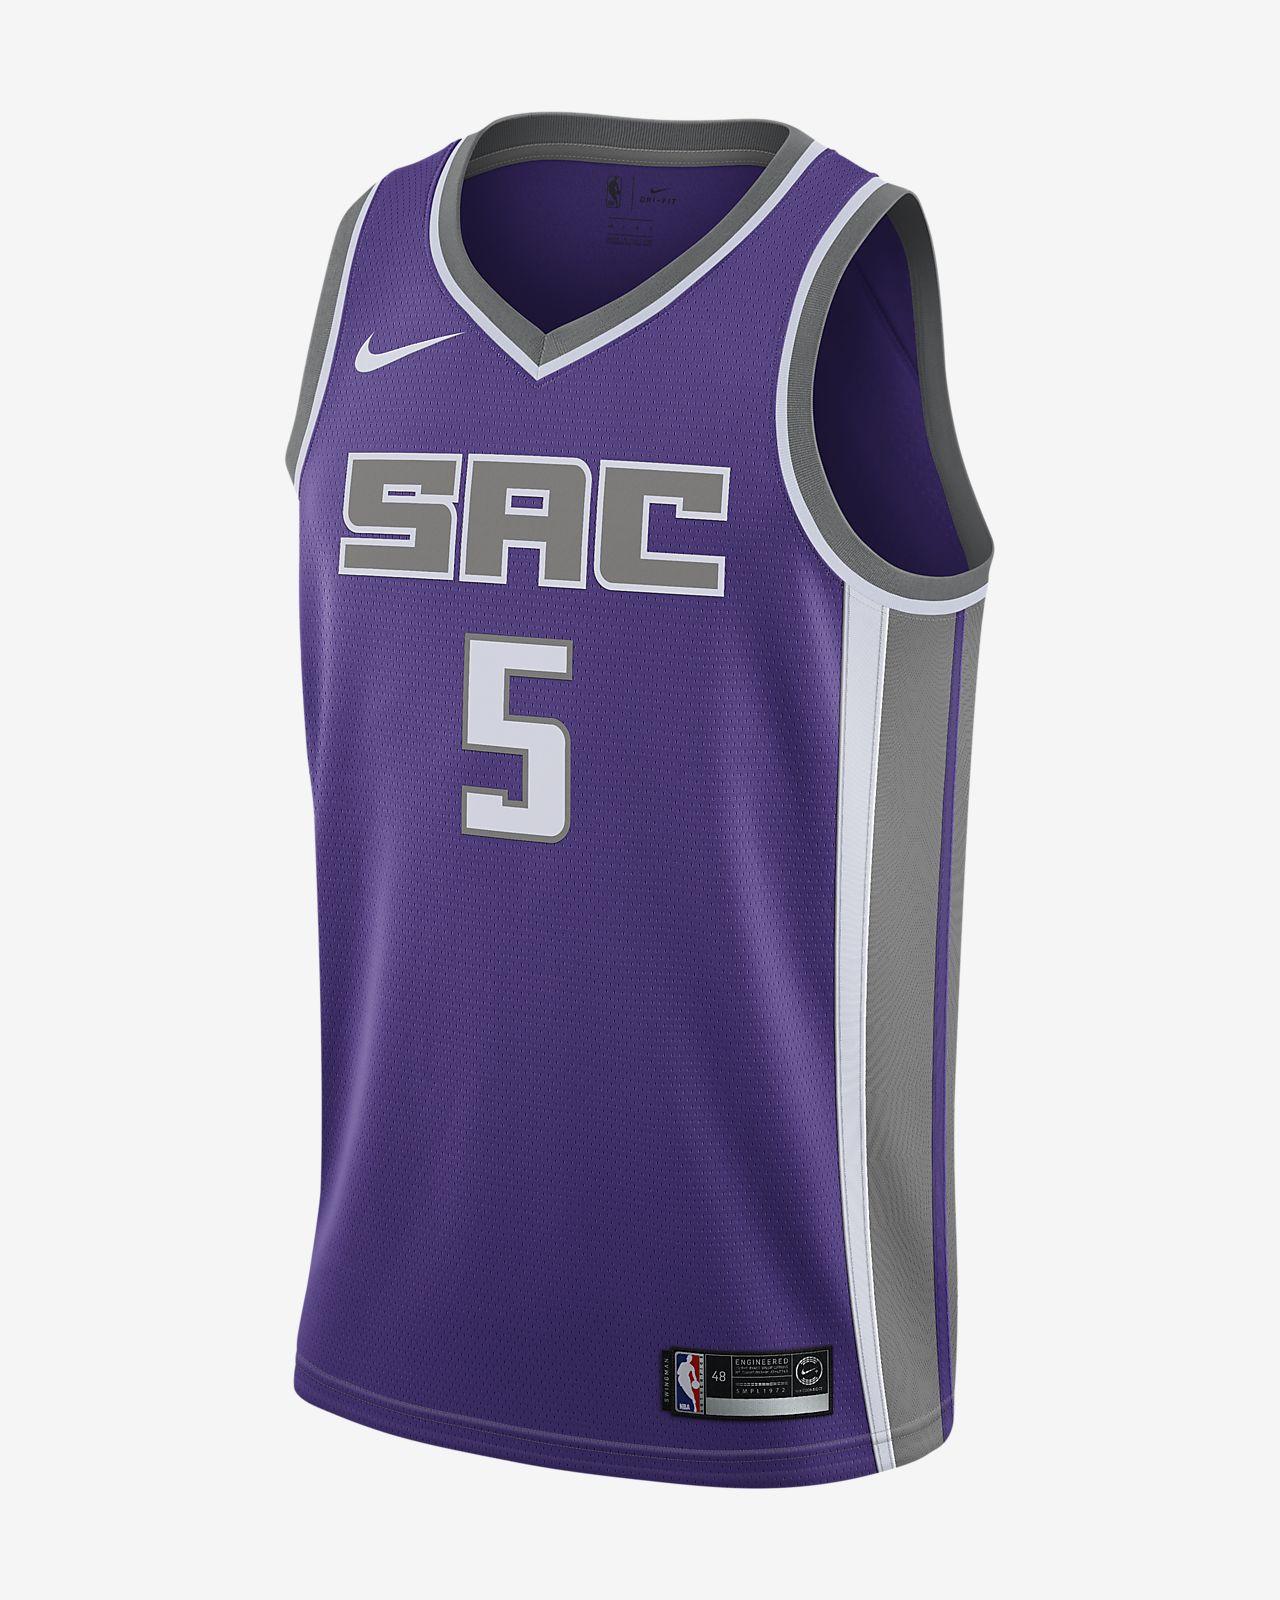 Camisola com ligação à NBA da Nike De'Aaron Fox Icon Edition Swingman (Sacramento Kings) para homem